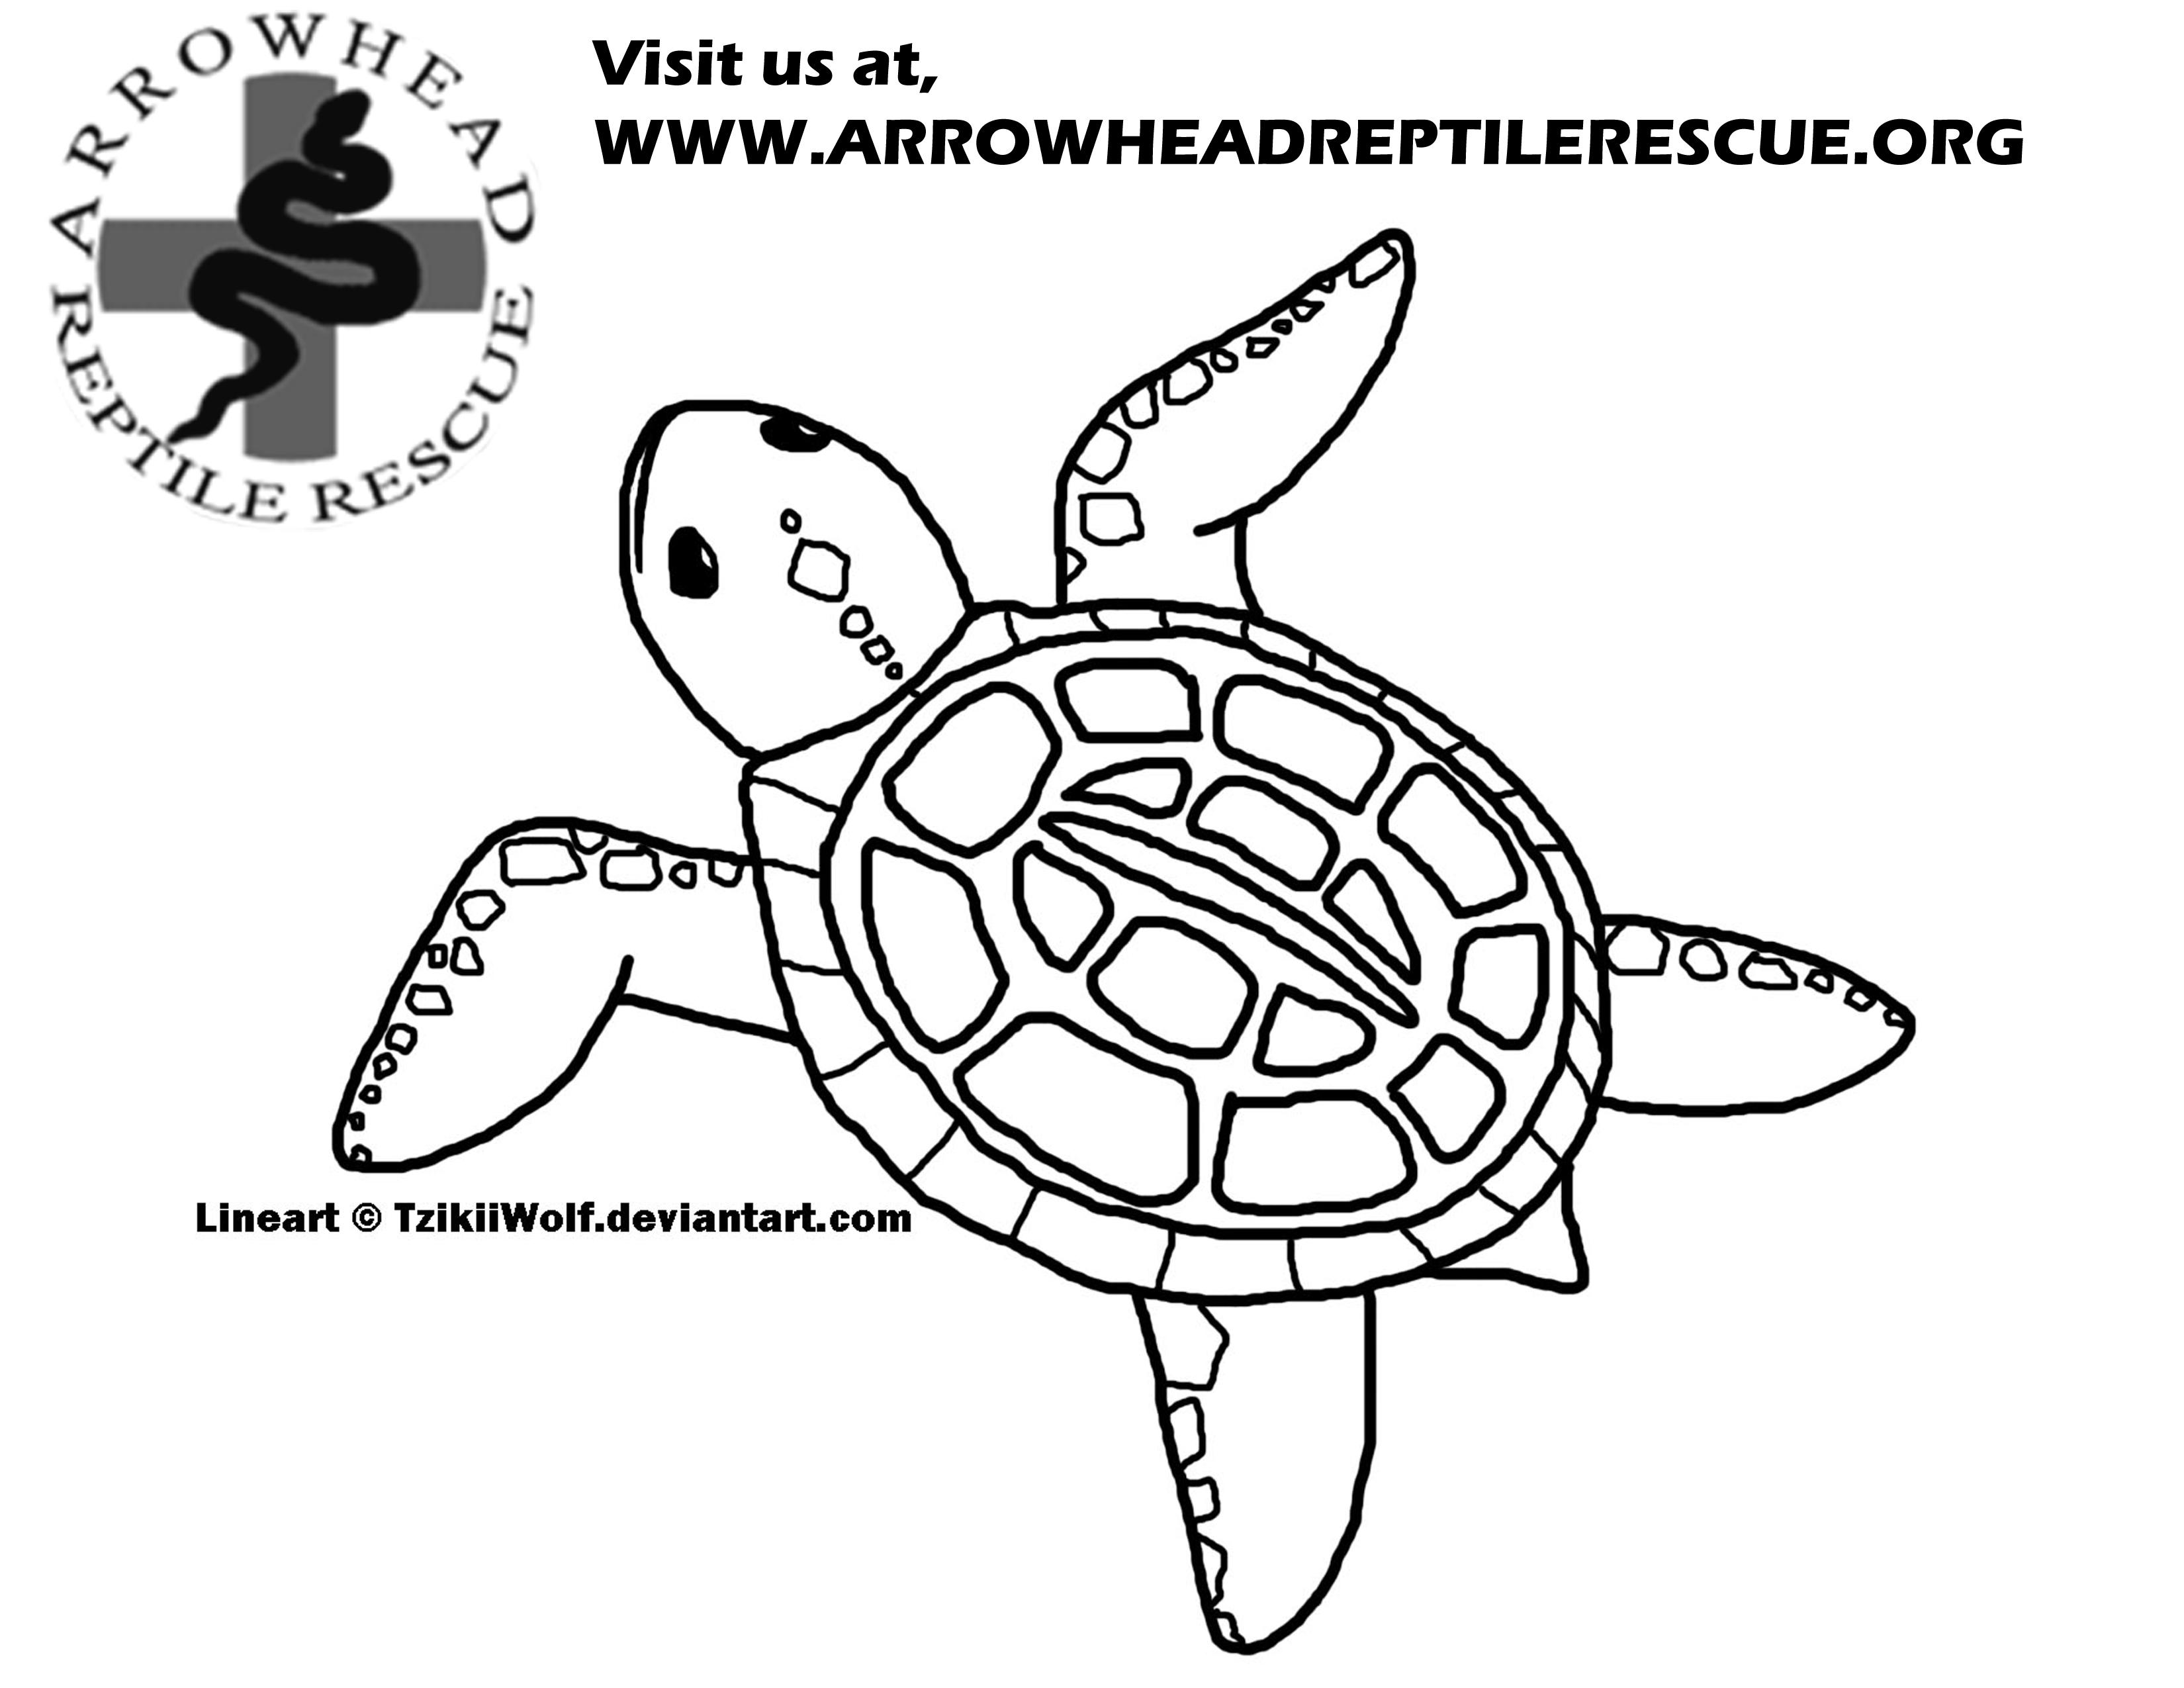 3300x2550 Arrowhead Reptile Rescue